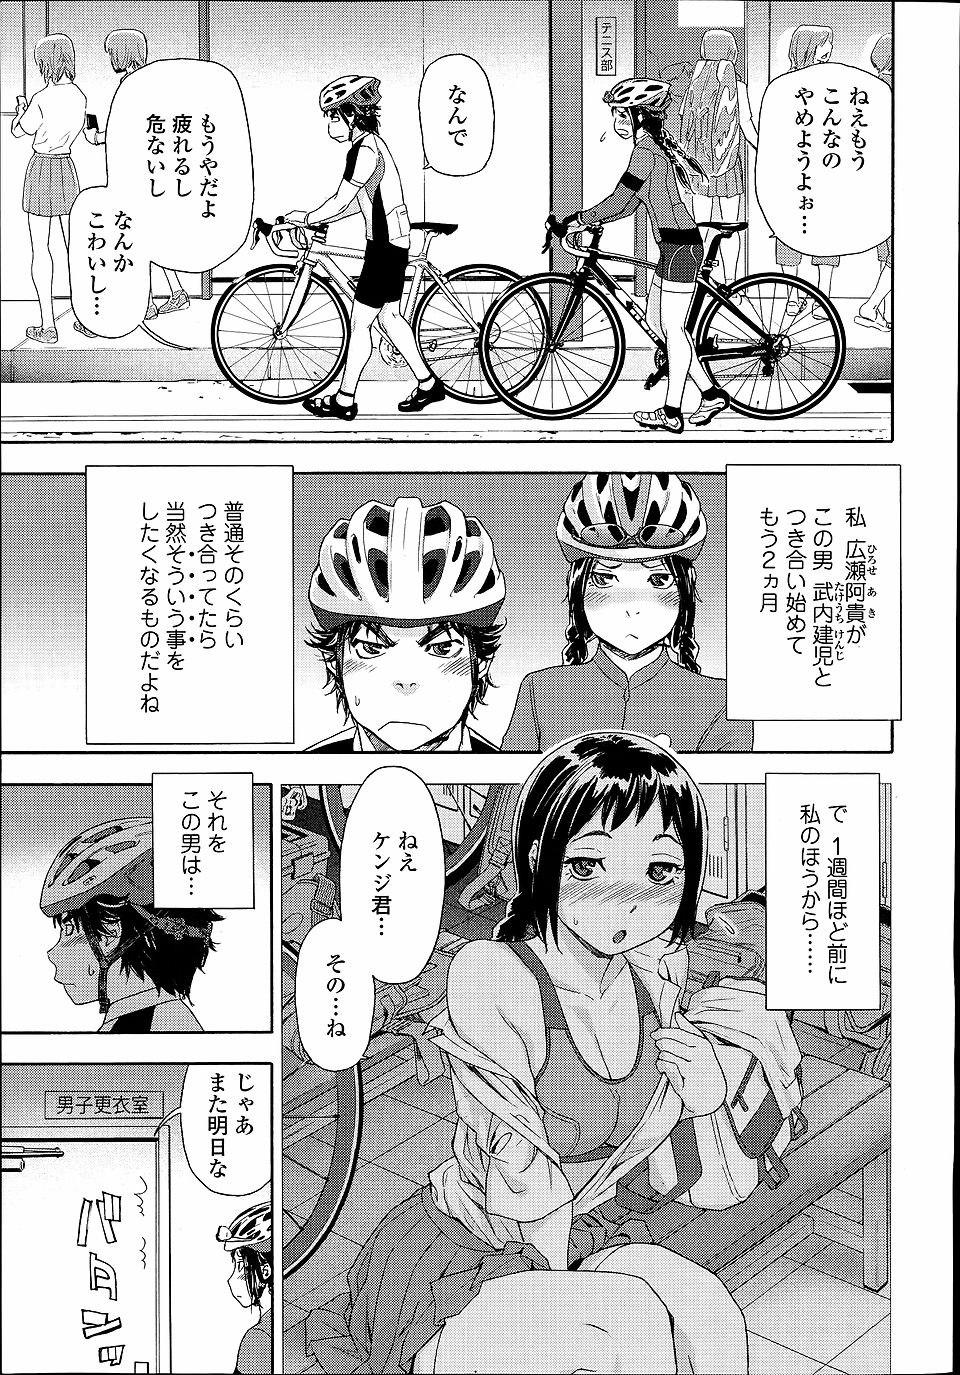 【エロ漫画・同人誌】自転車の競争で彼女に勝つまではエッチしないと決めた彼氏があまりにも勝ってくれないので我慢できなくなって自分から襲っちゃう彼女www 003